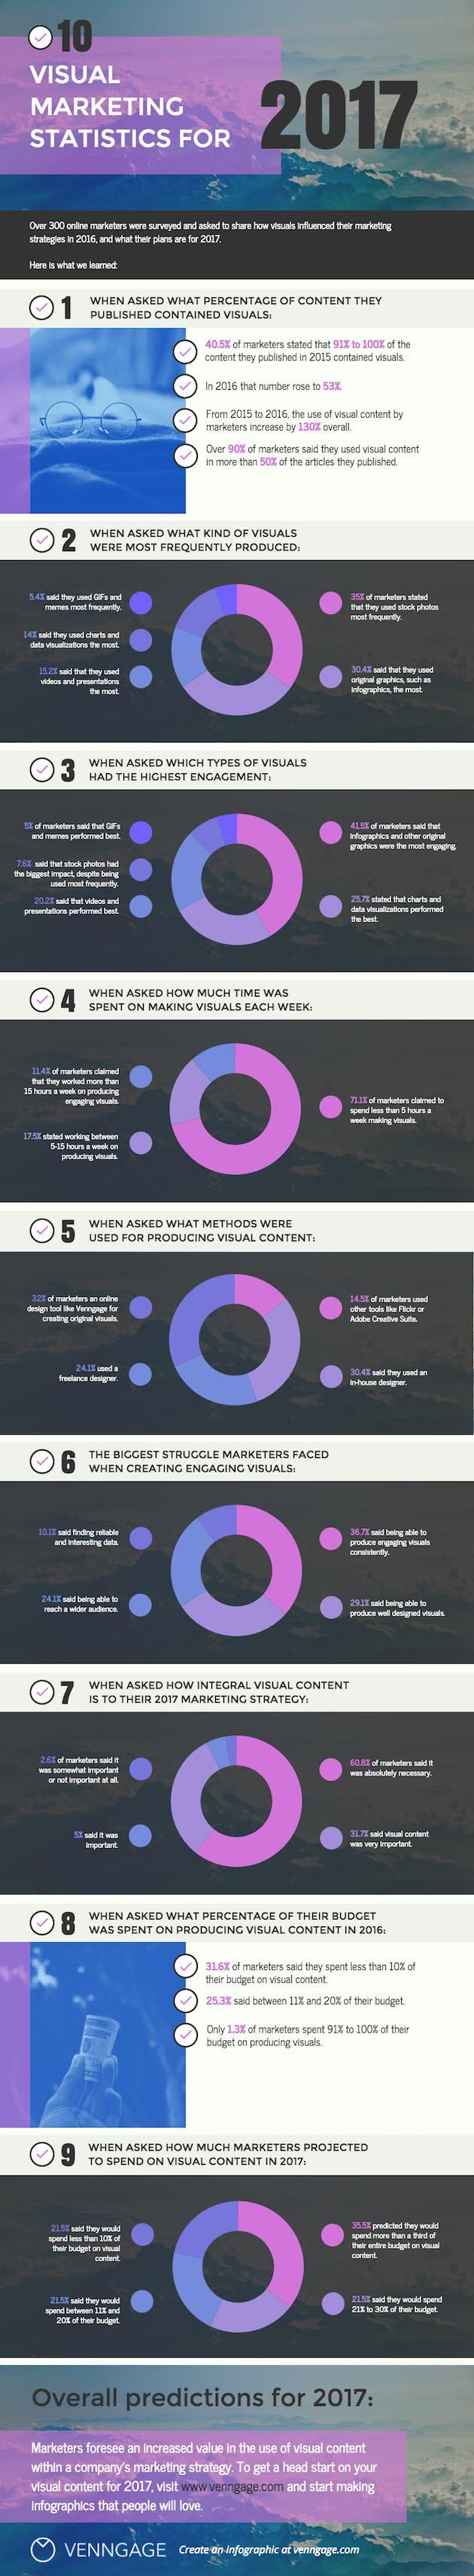 XX¿Por qué es importante el marketing visual? #infografía